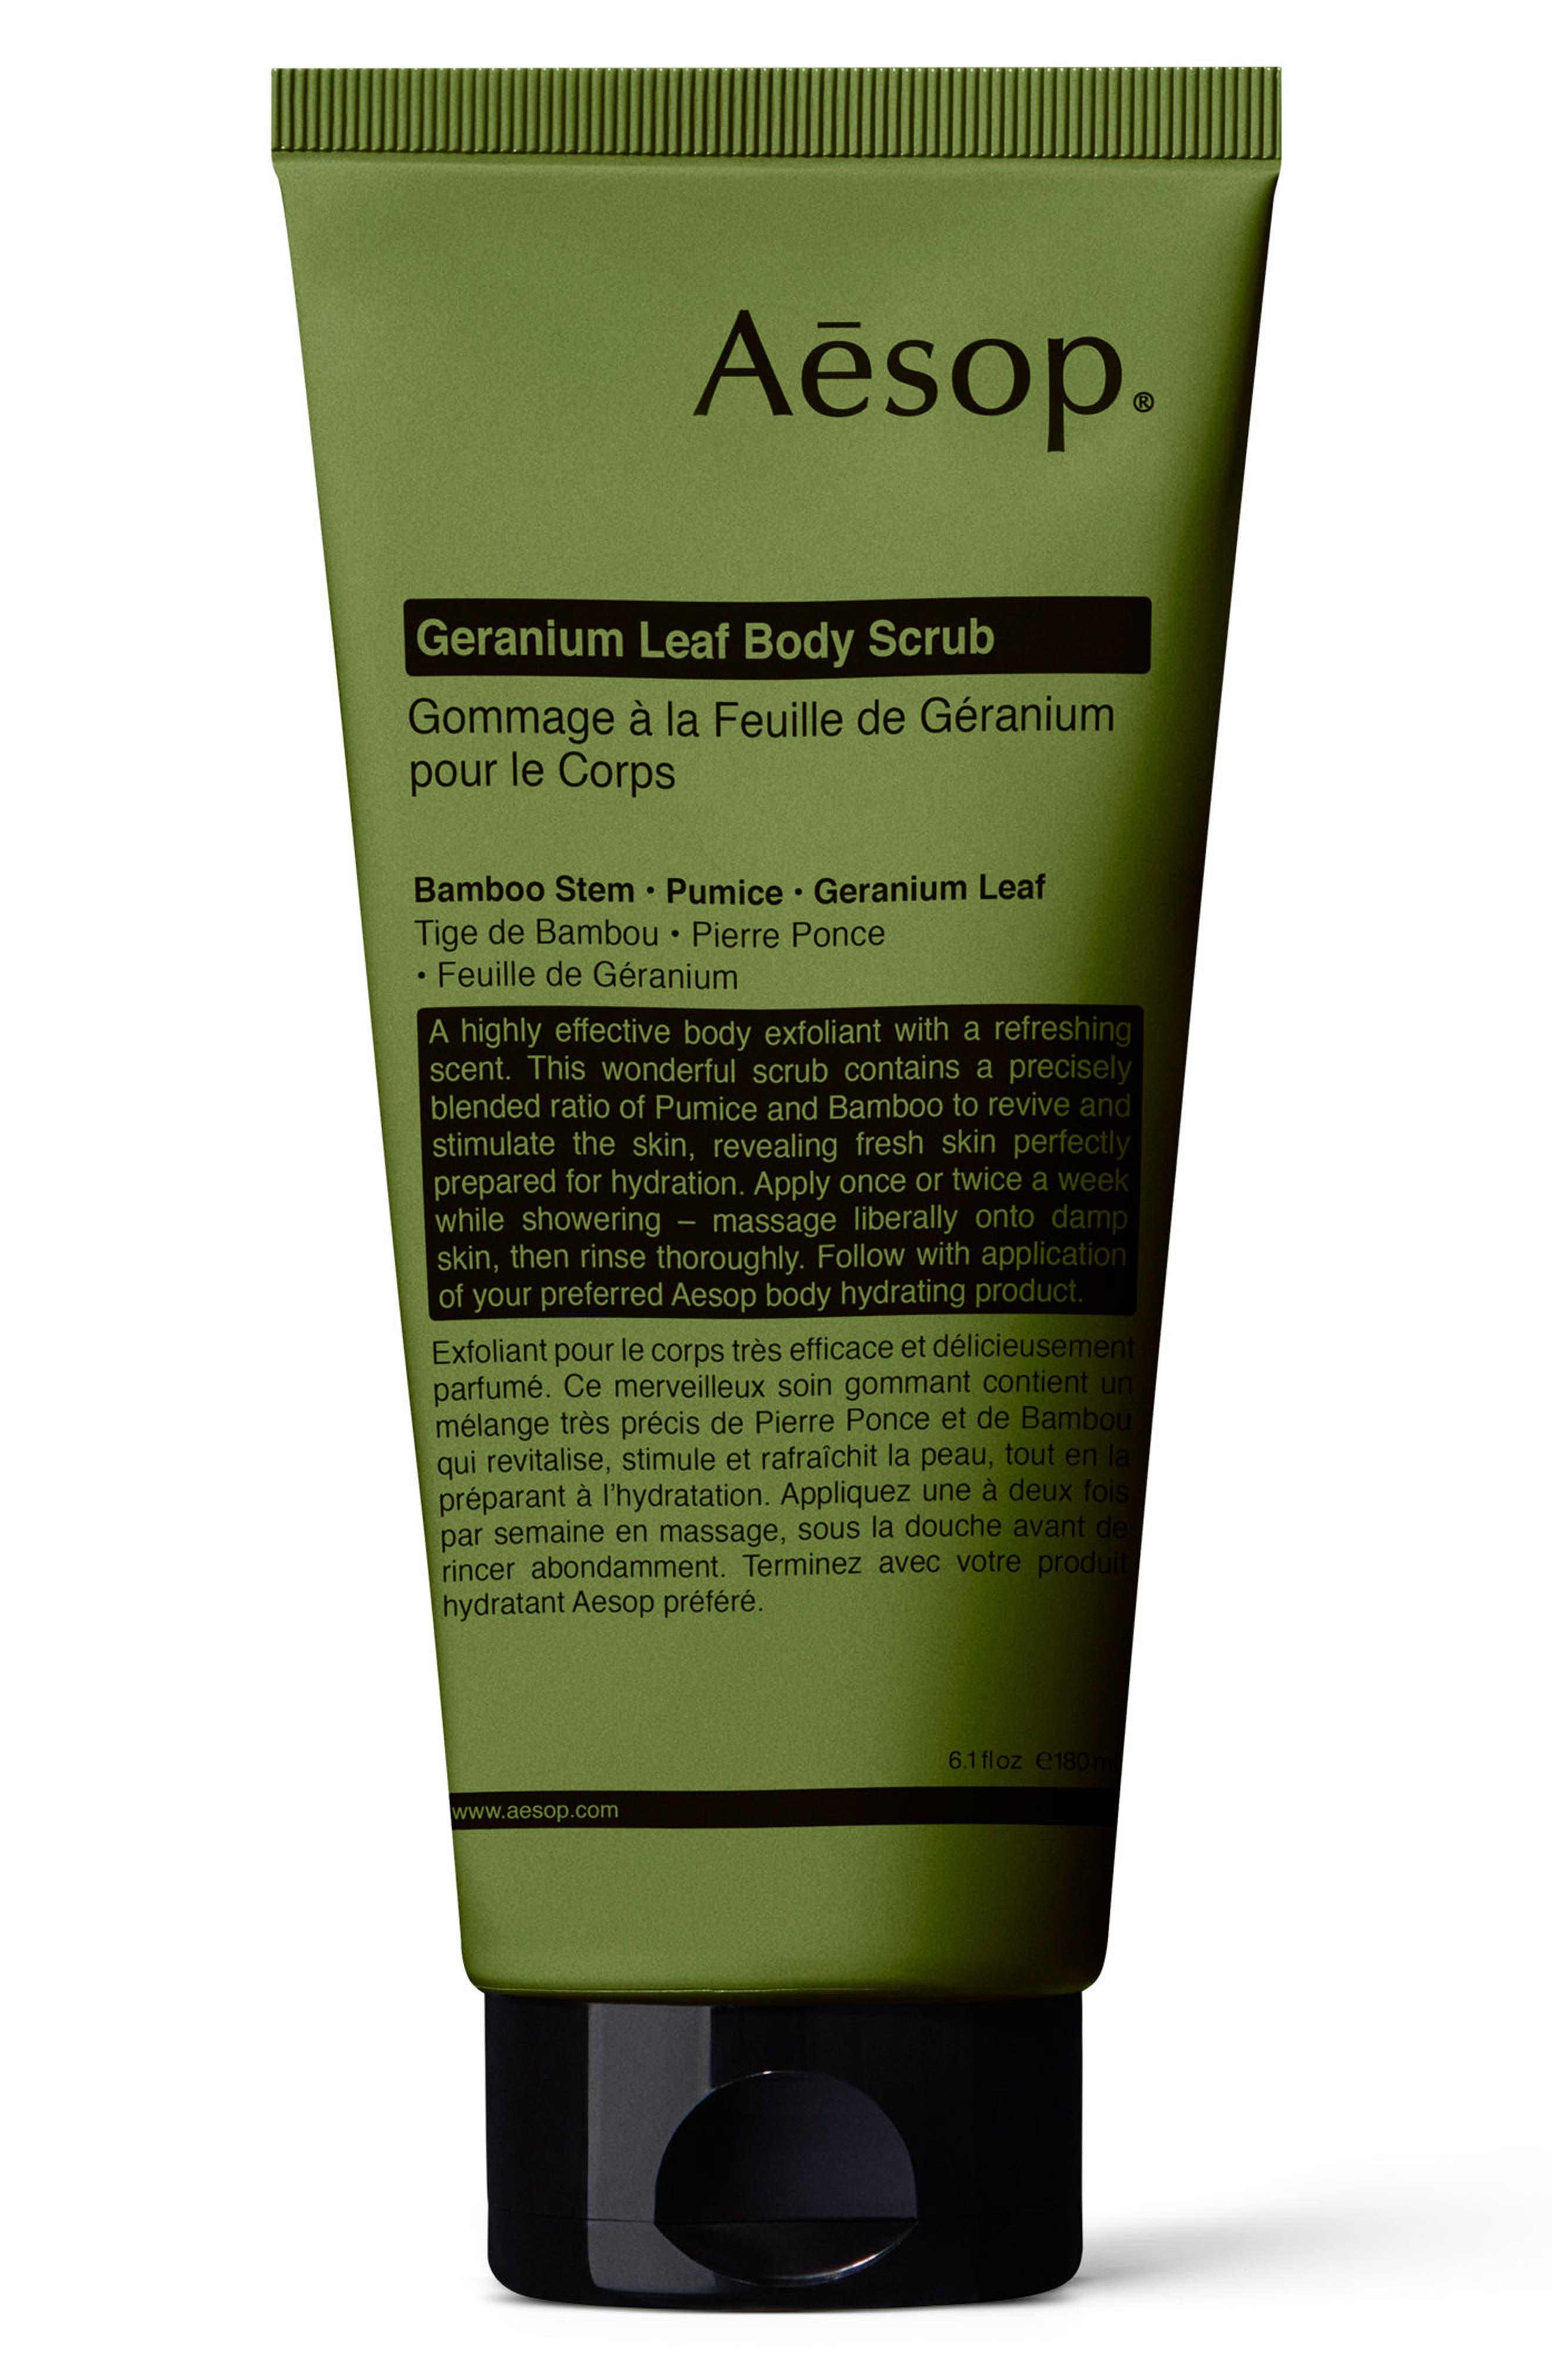 AESOP Geranium Leaf Body Scrub/6.1 Oz. in Green